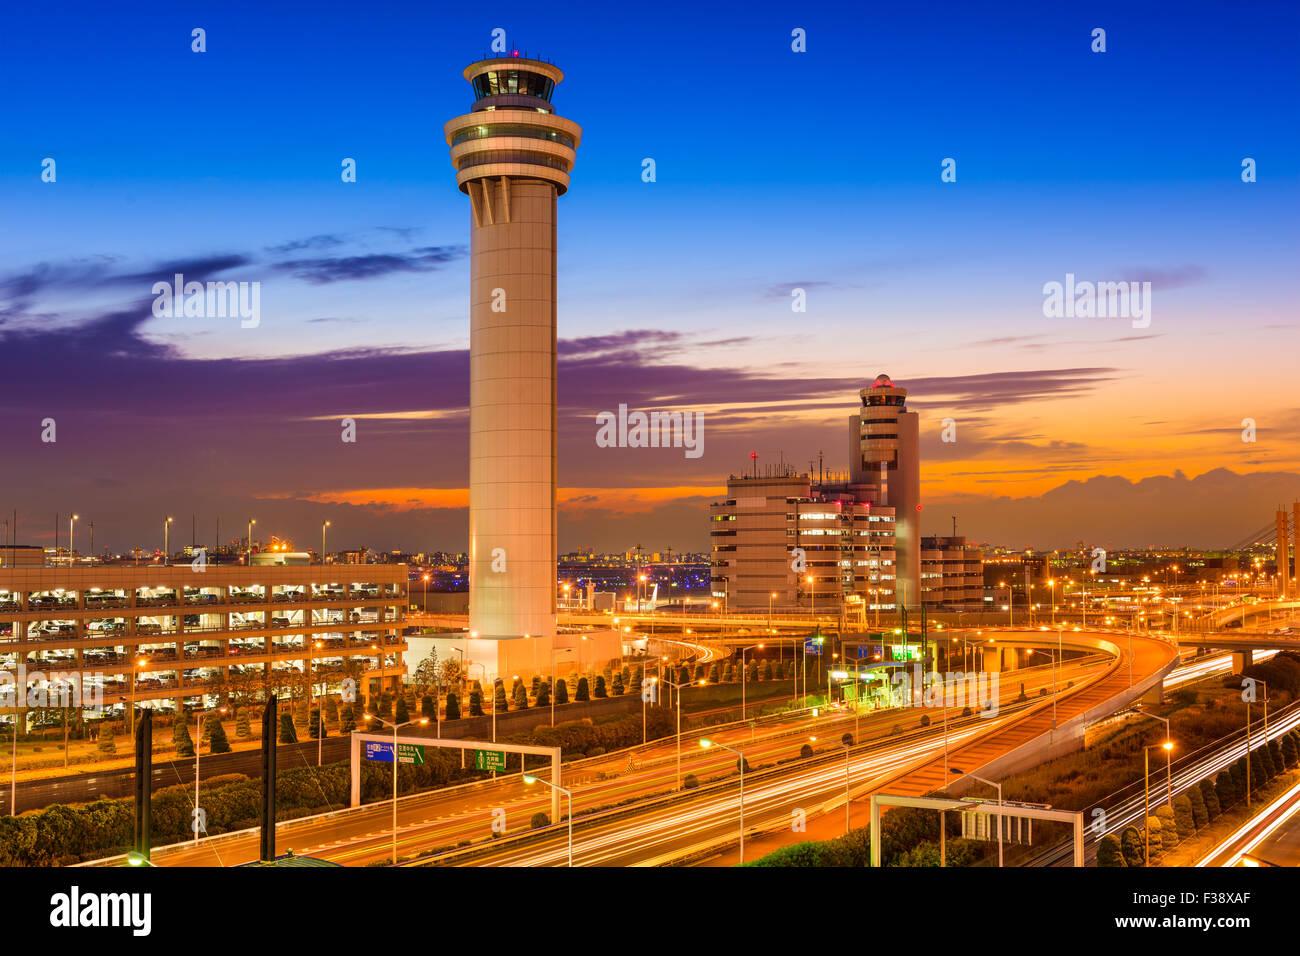 Haneda Airport control tower in Tokyo, Japan. - Stock Image